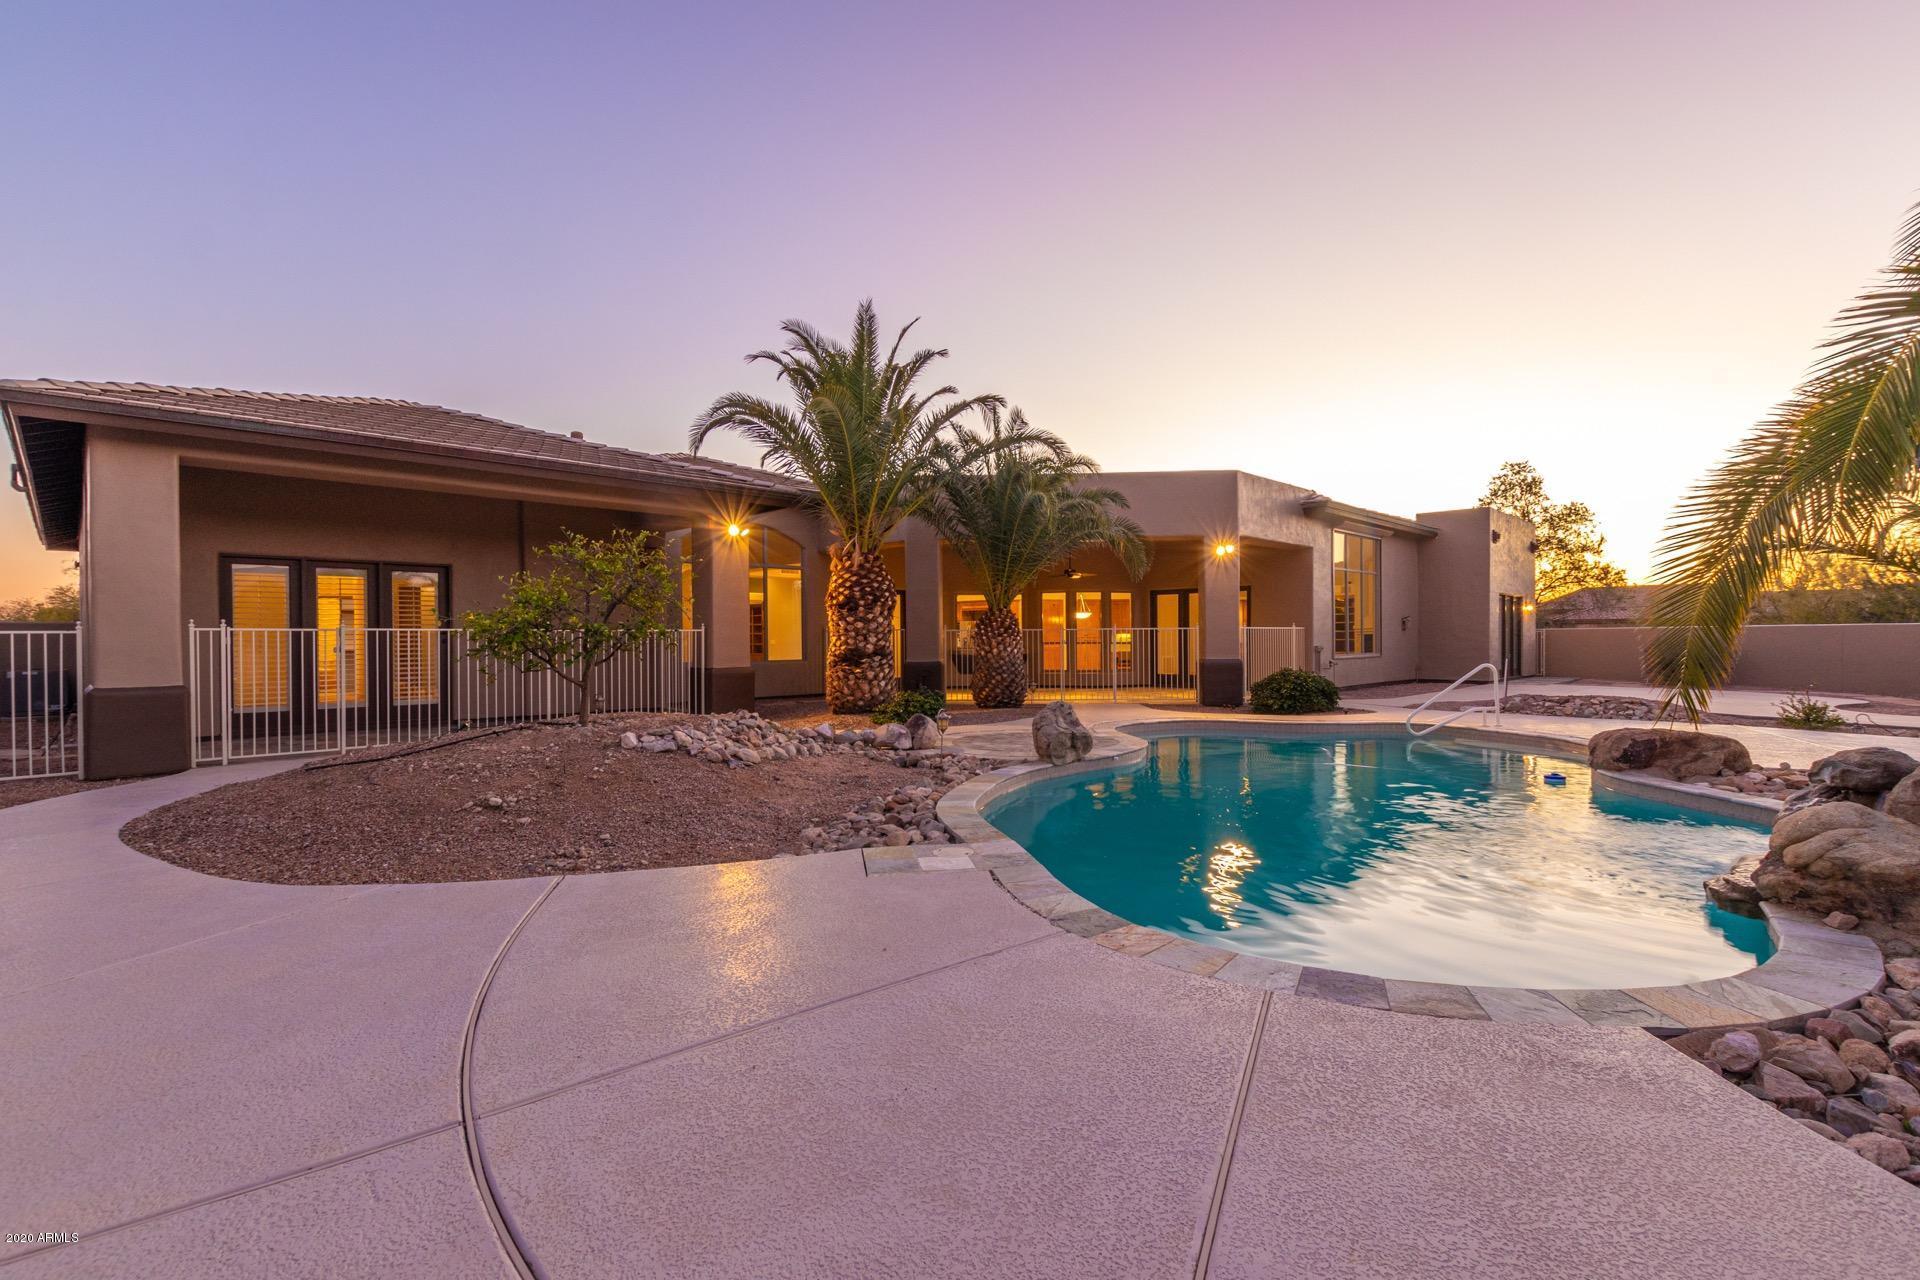 Photo of 13050 E TURQUOISE Avenue, Scottsdale, AZ 85259